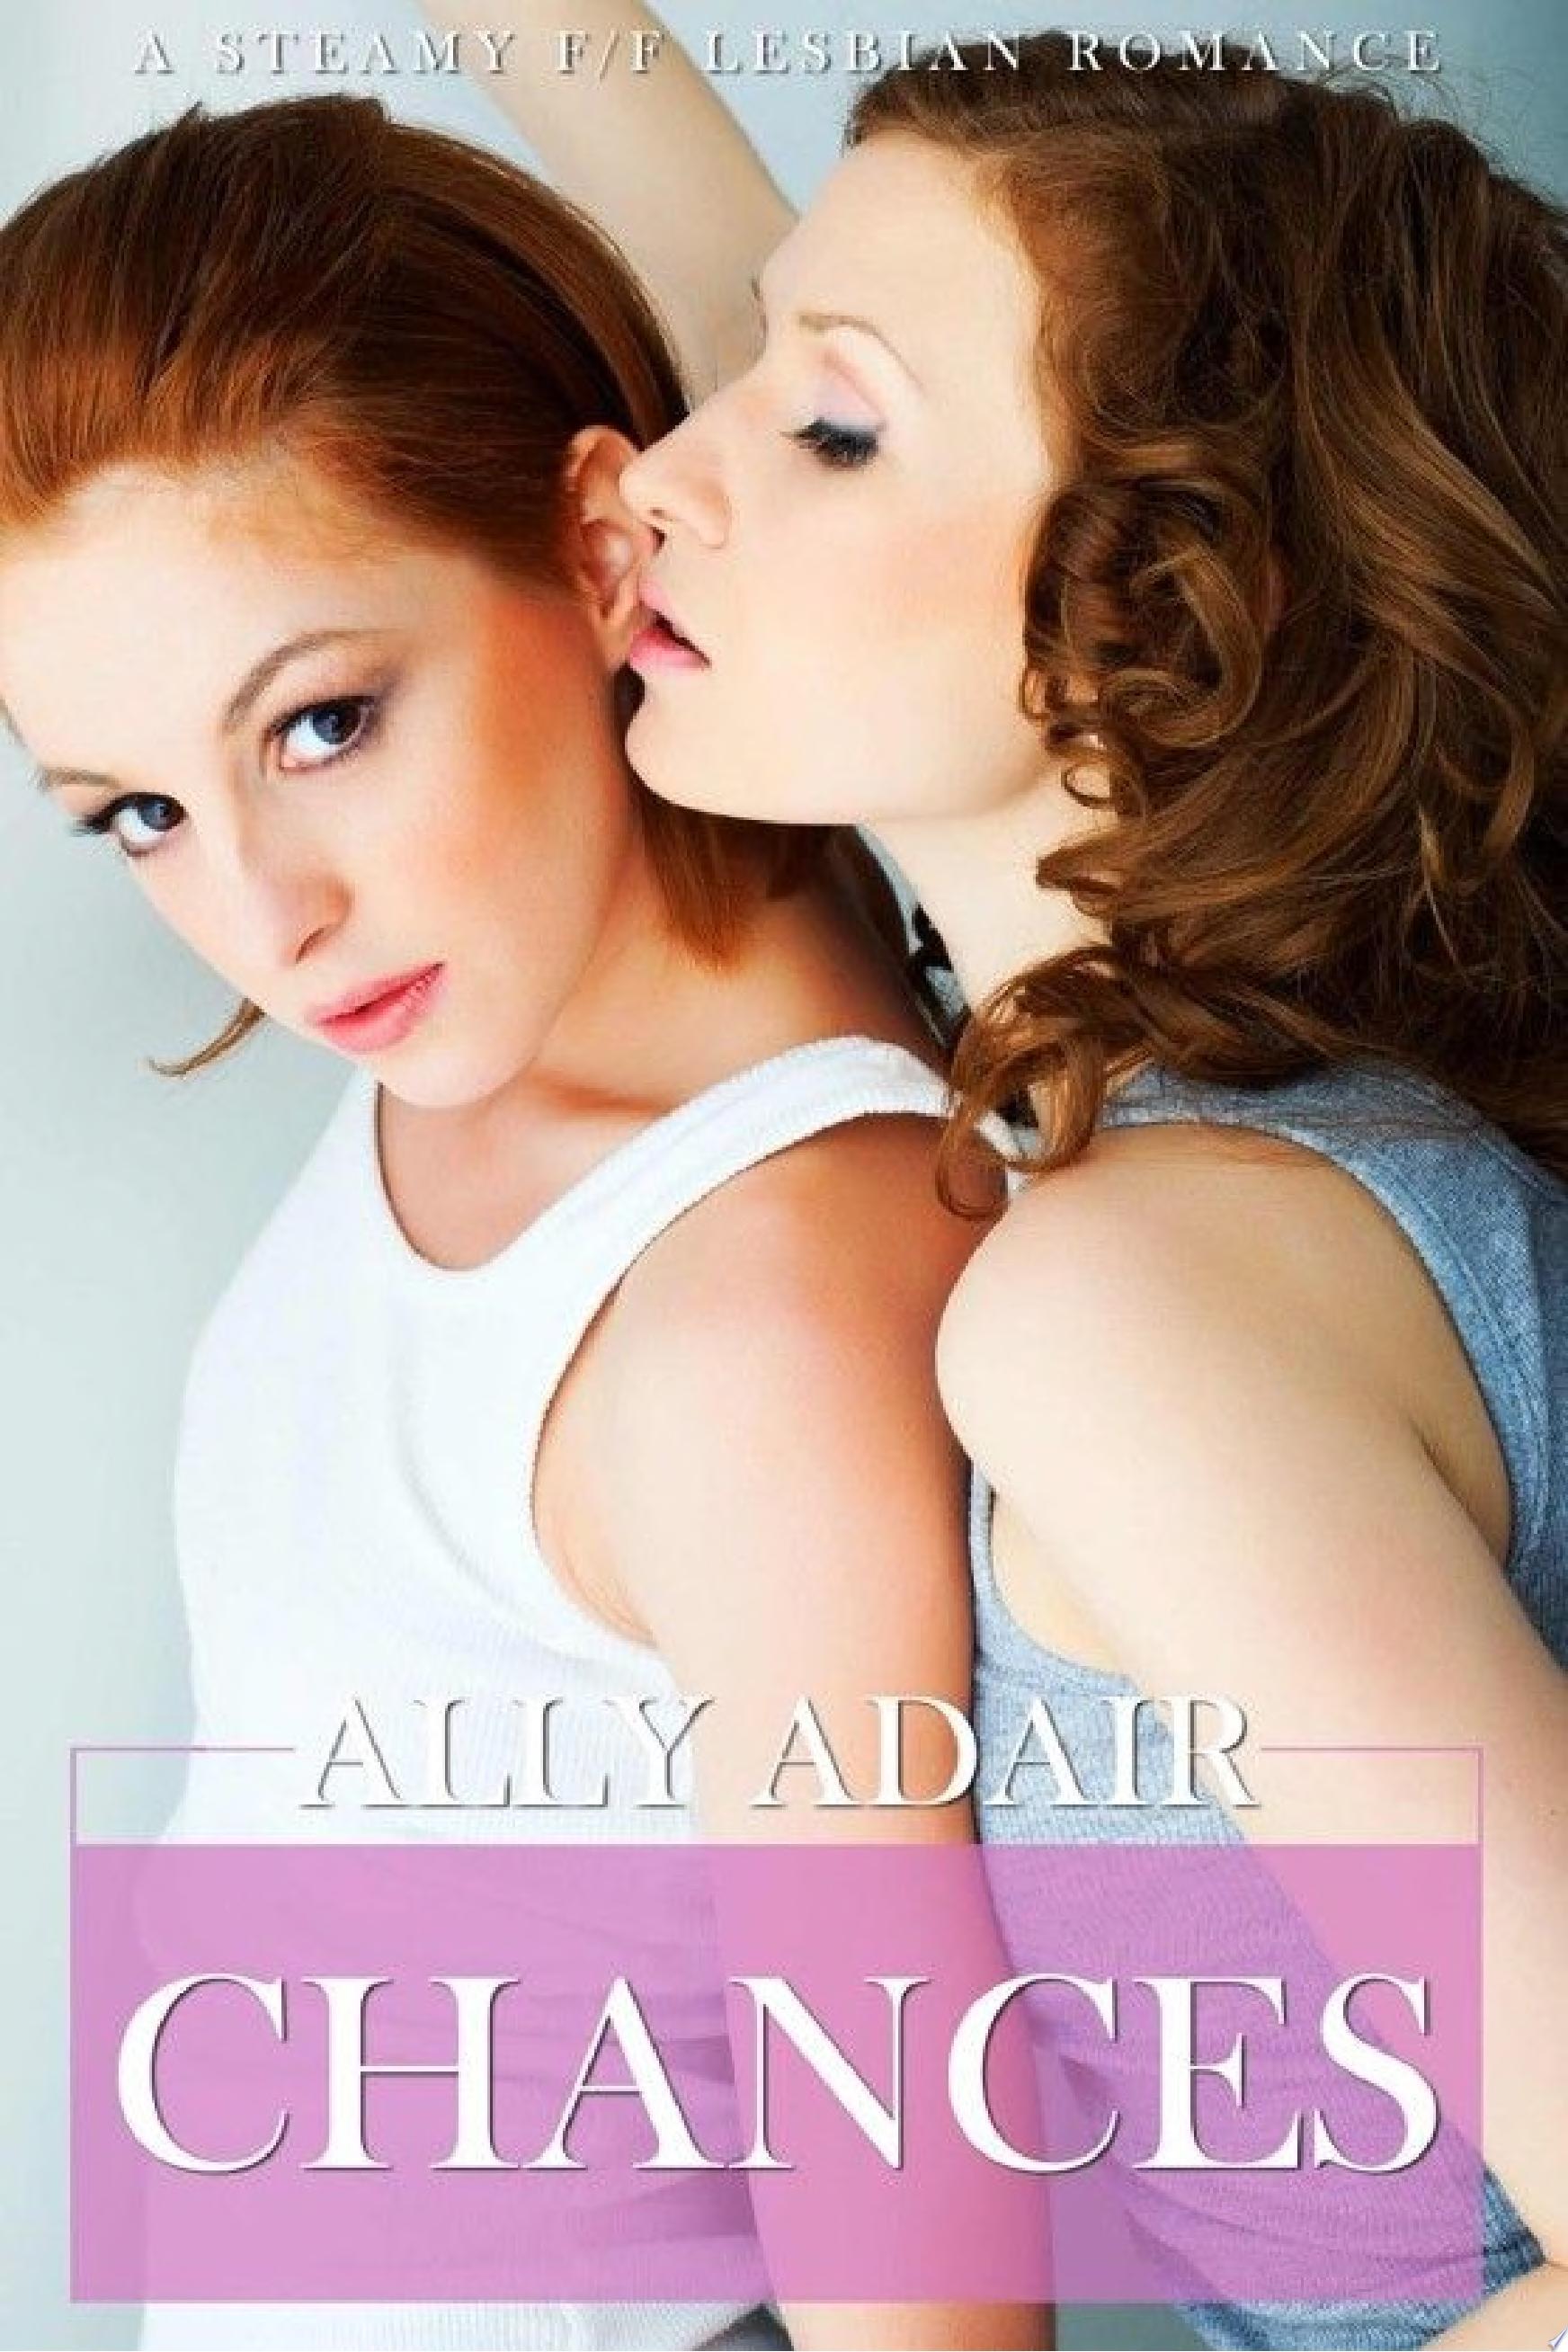 Chances  A Steamy Lesbian Romance